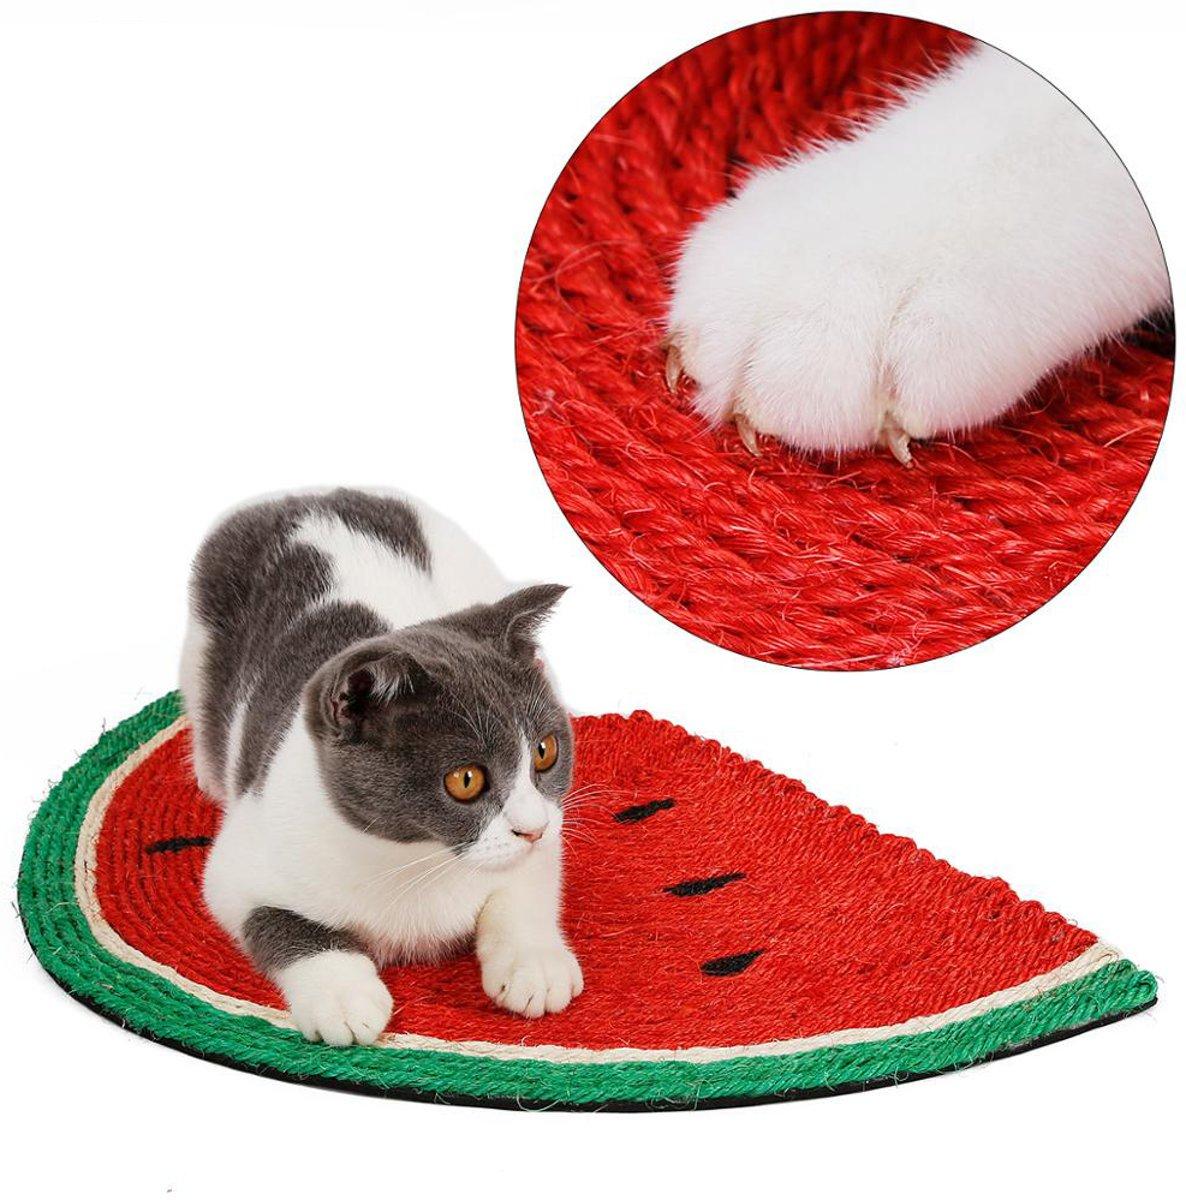 Katten Krabmat Watermeloen - Krabplank - Ligplaats - 30 x 50cm kopen